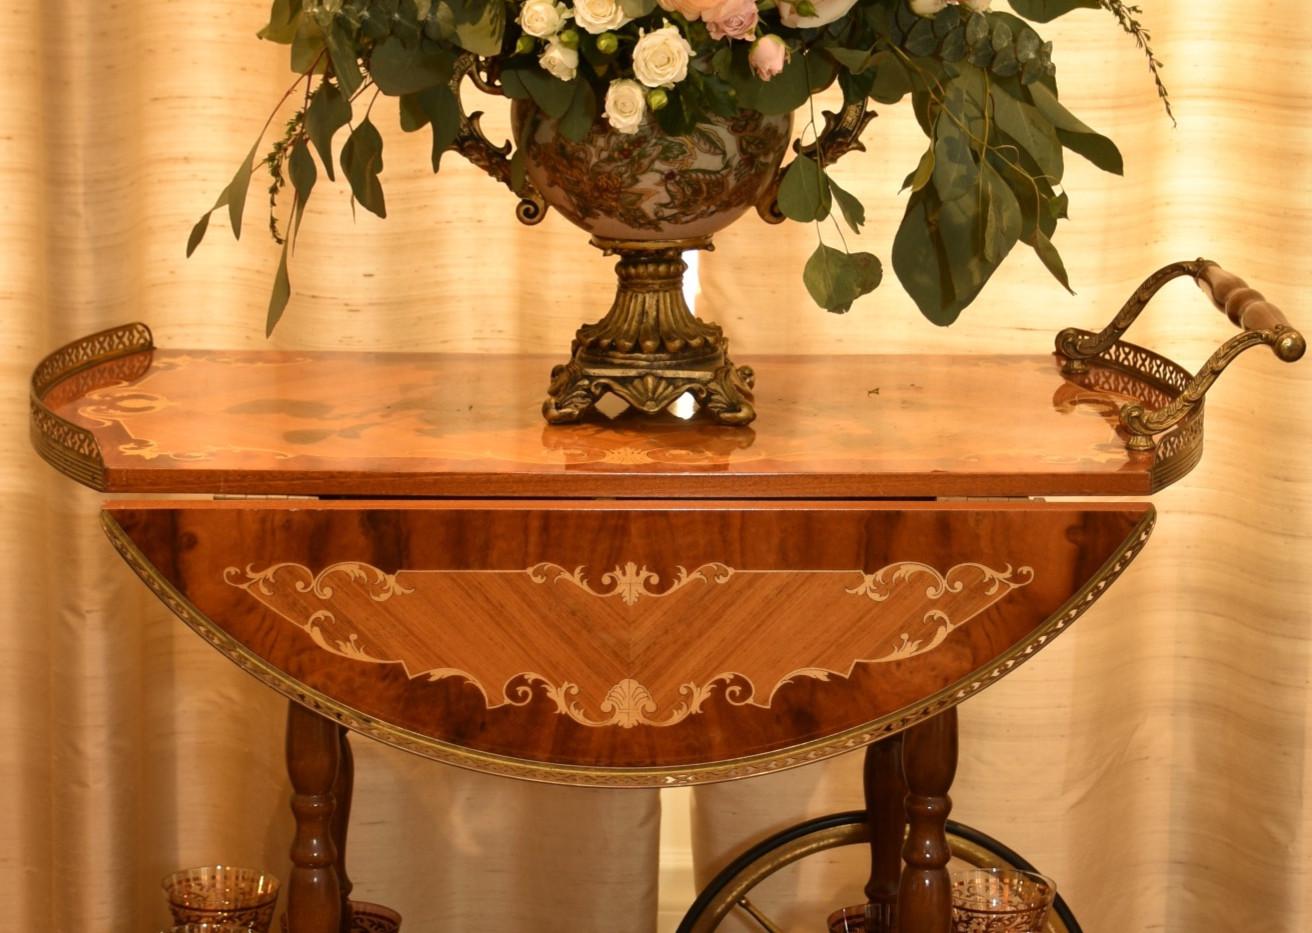 Elegant gold with soft color flower arrangements